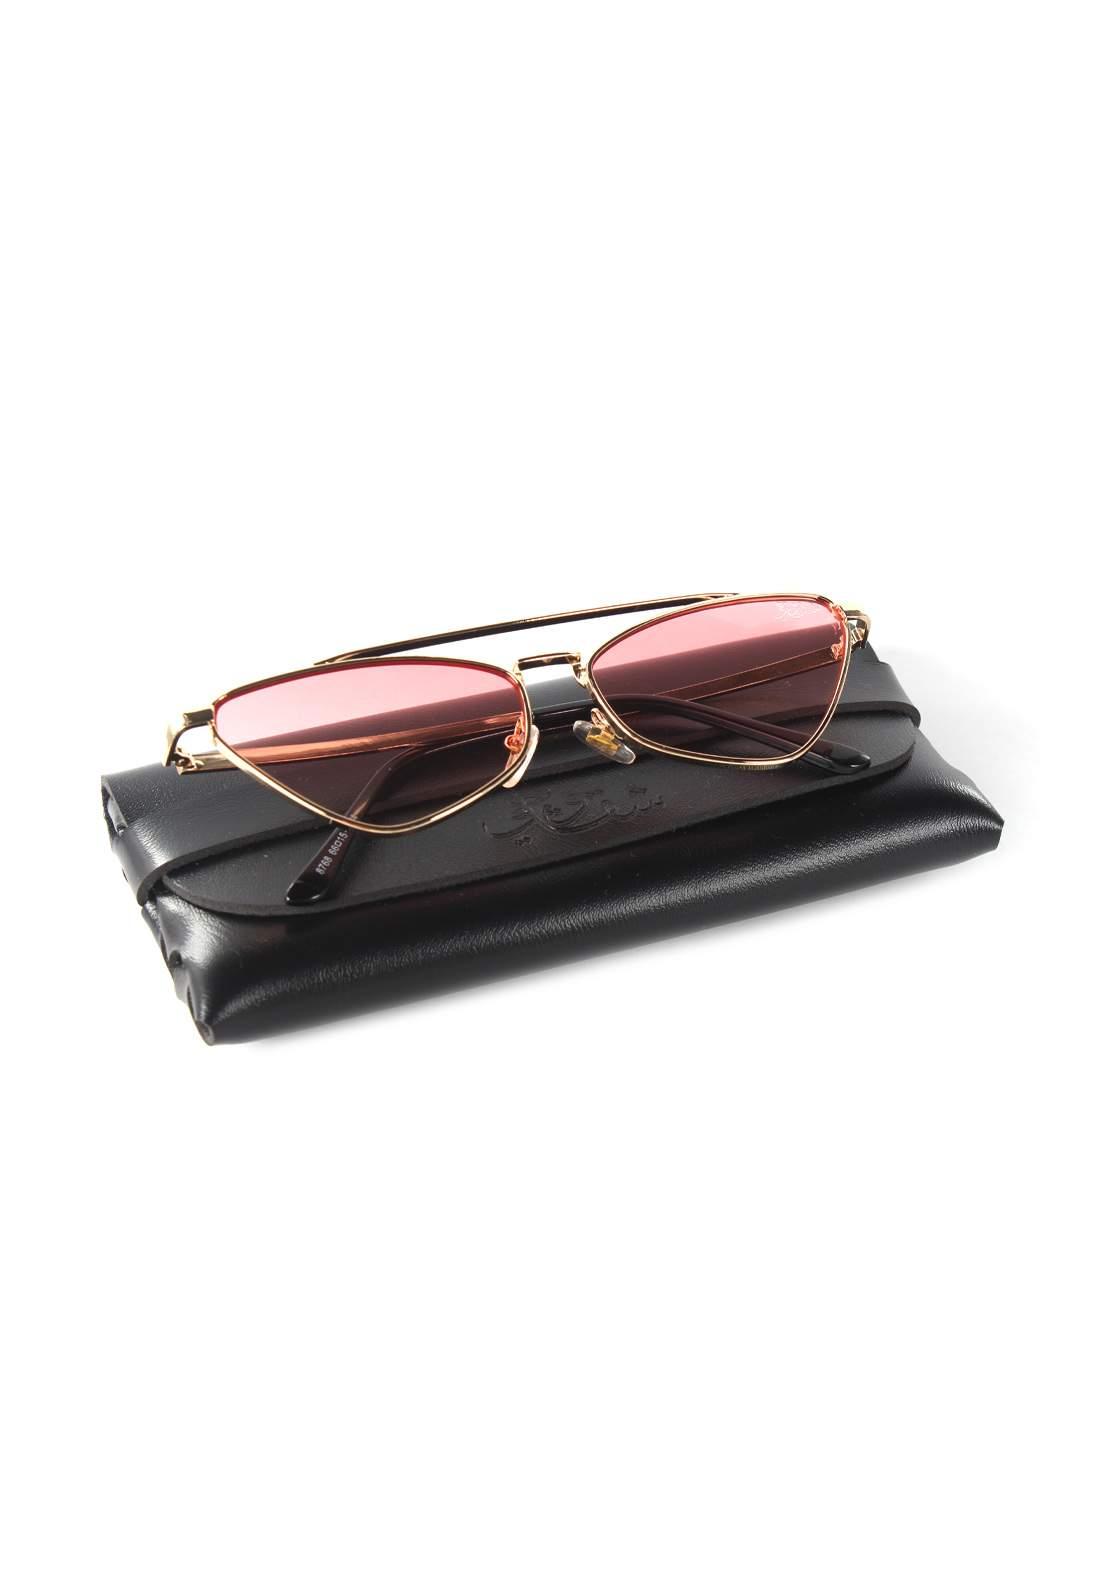 Chkawgi Sunglasses نظارة شمسية نسائية